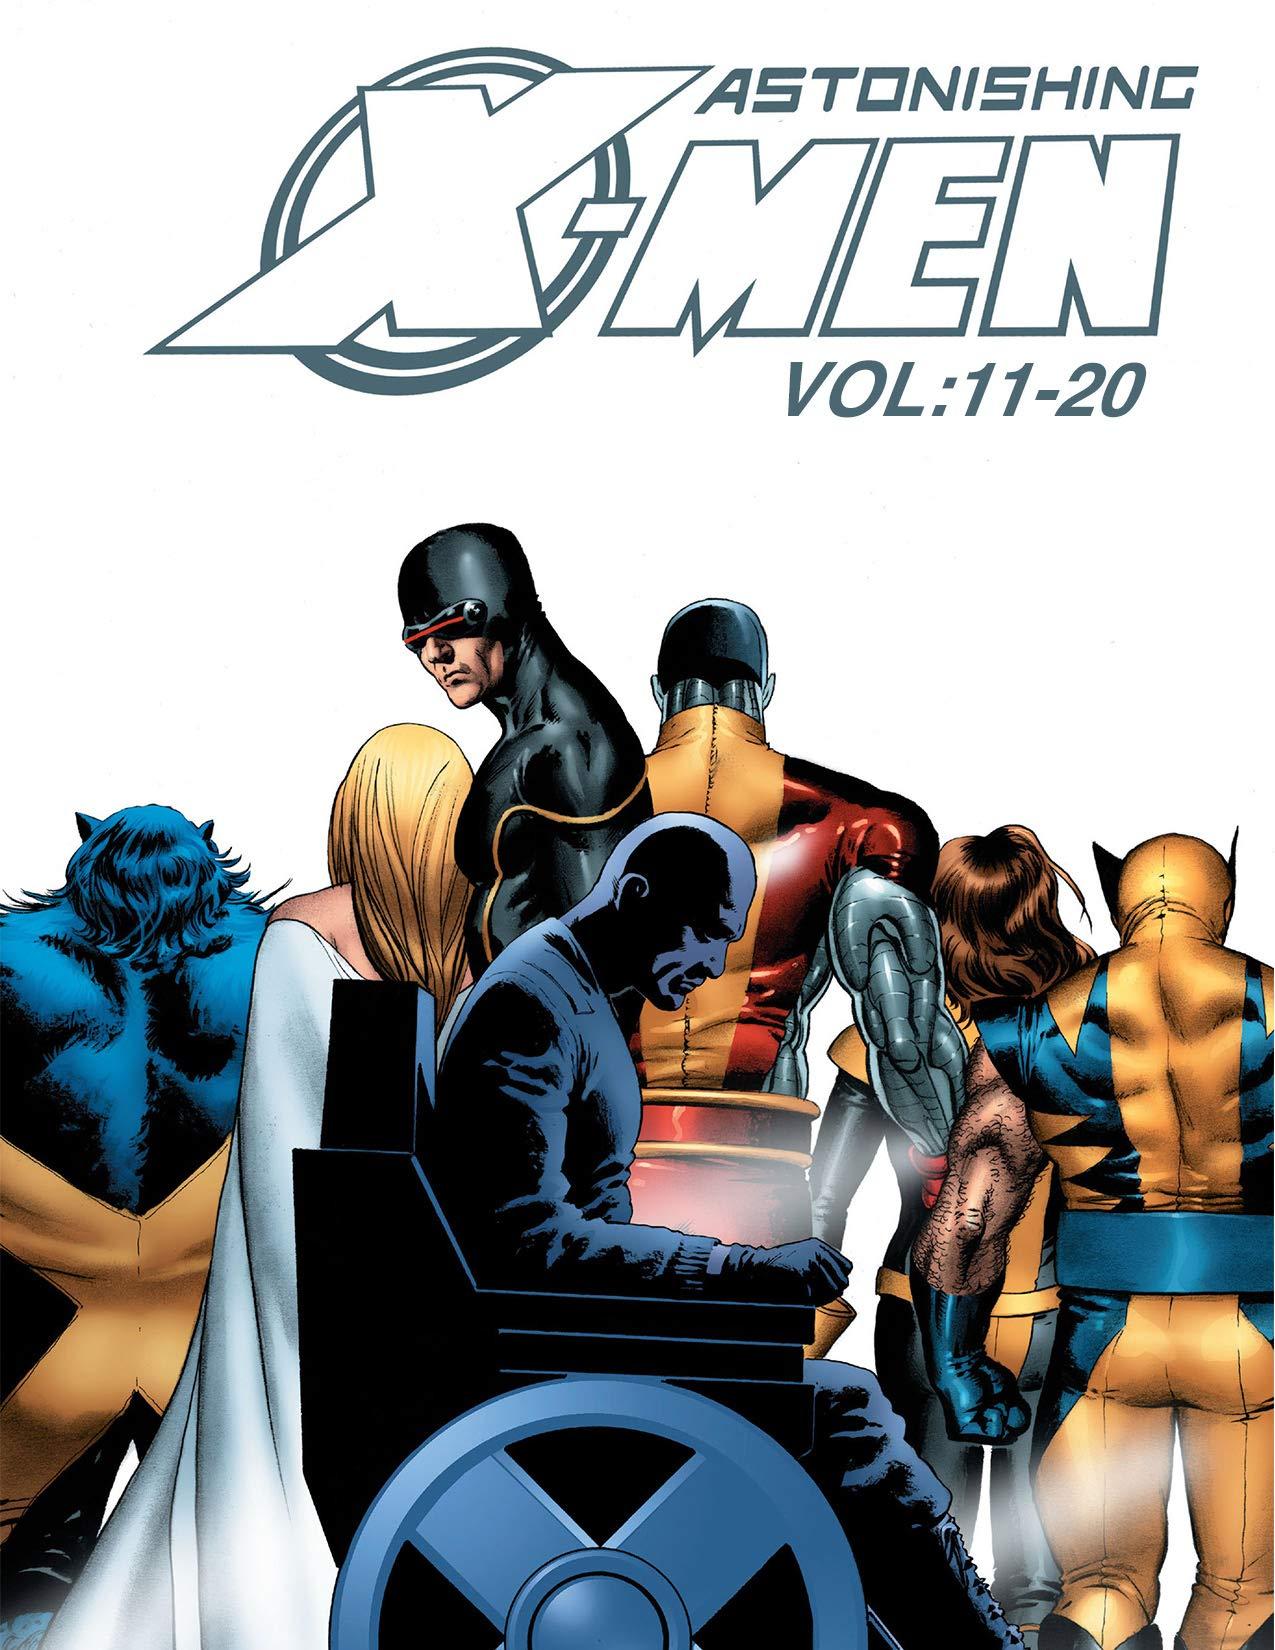 Astonish xmenn: Astonishing X-Men omnibus | astonishing x-men, vol. 11 to vol. 20 DC Comic FAN